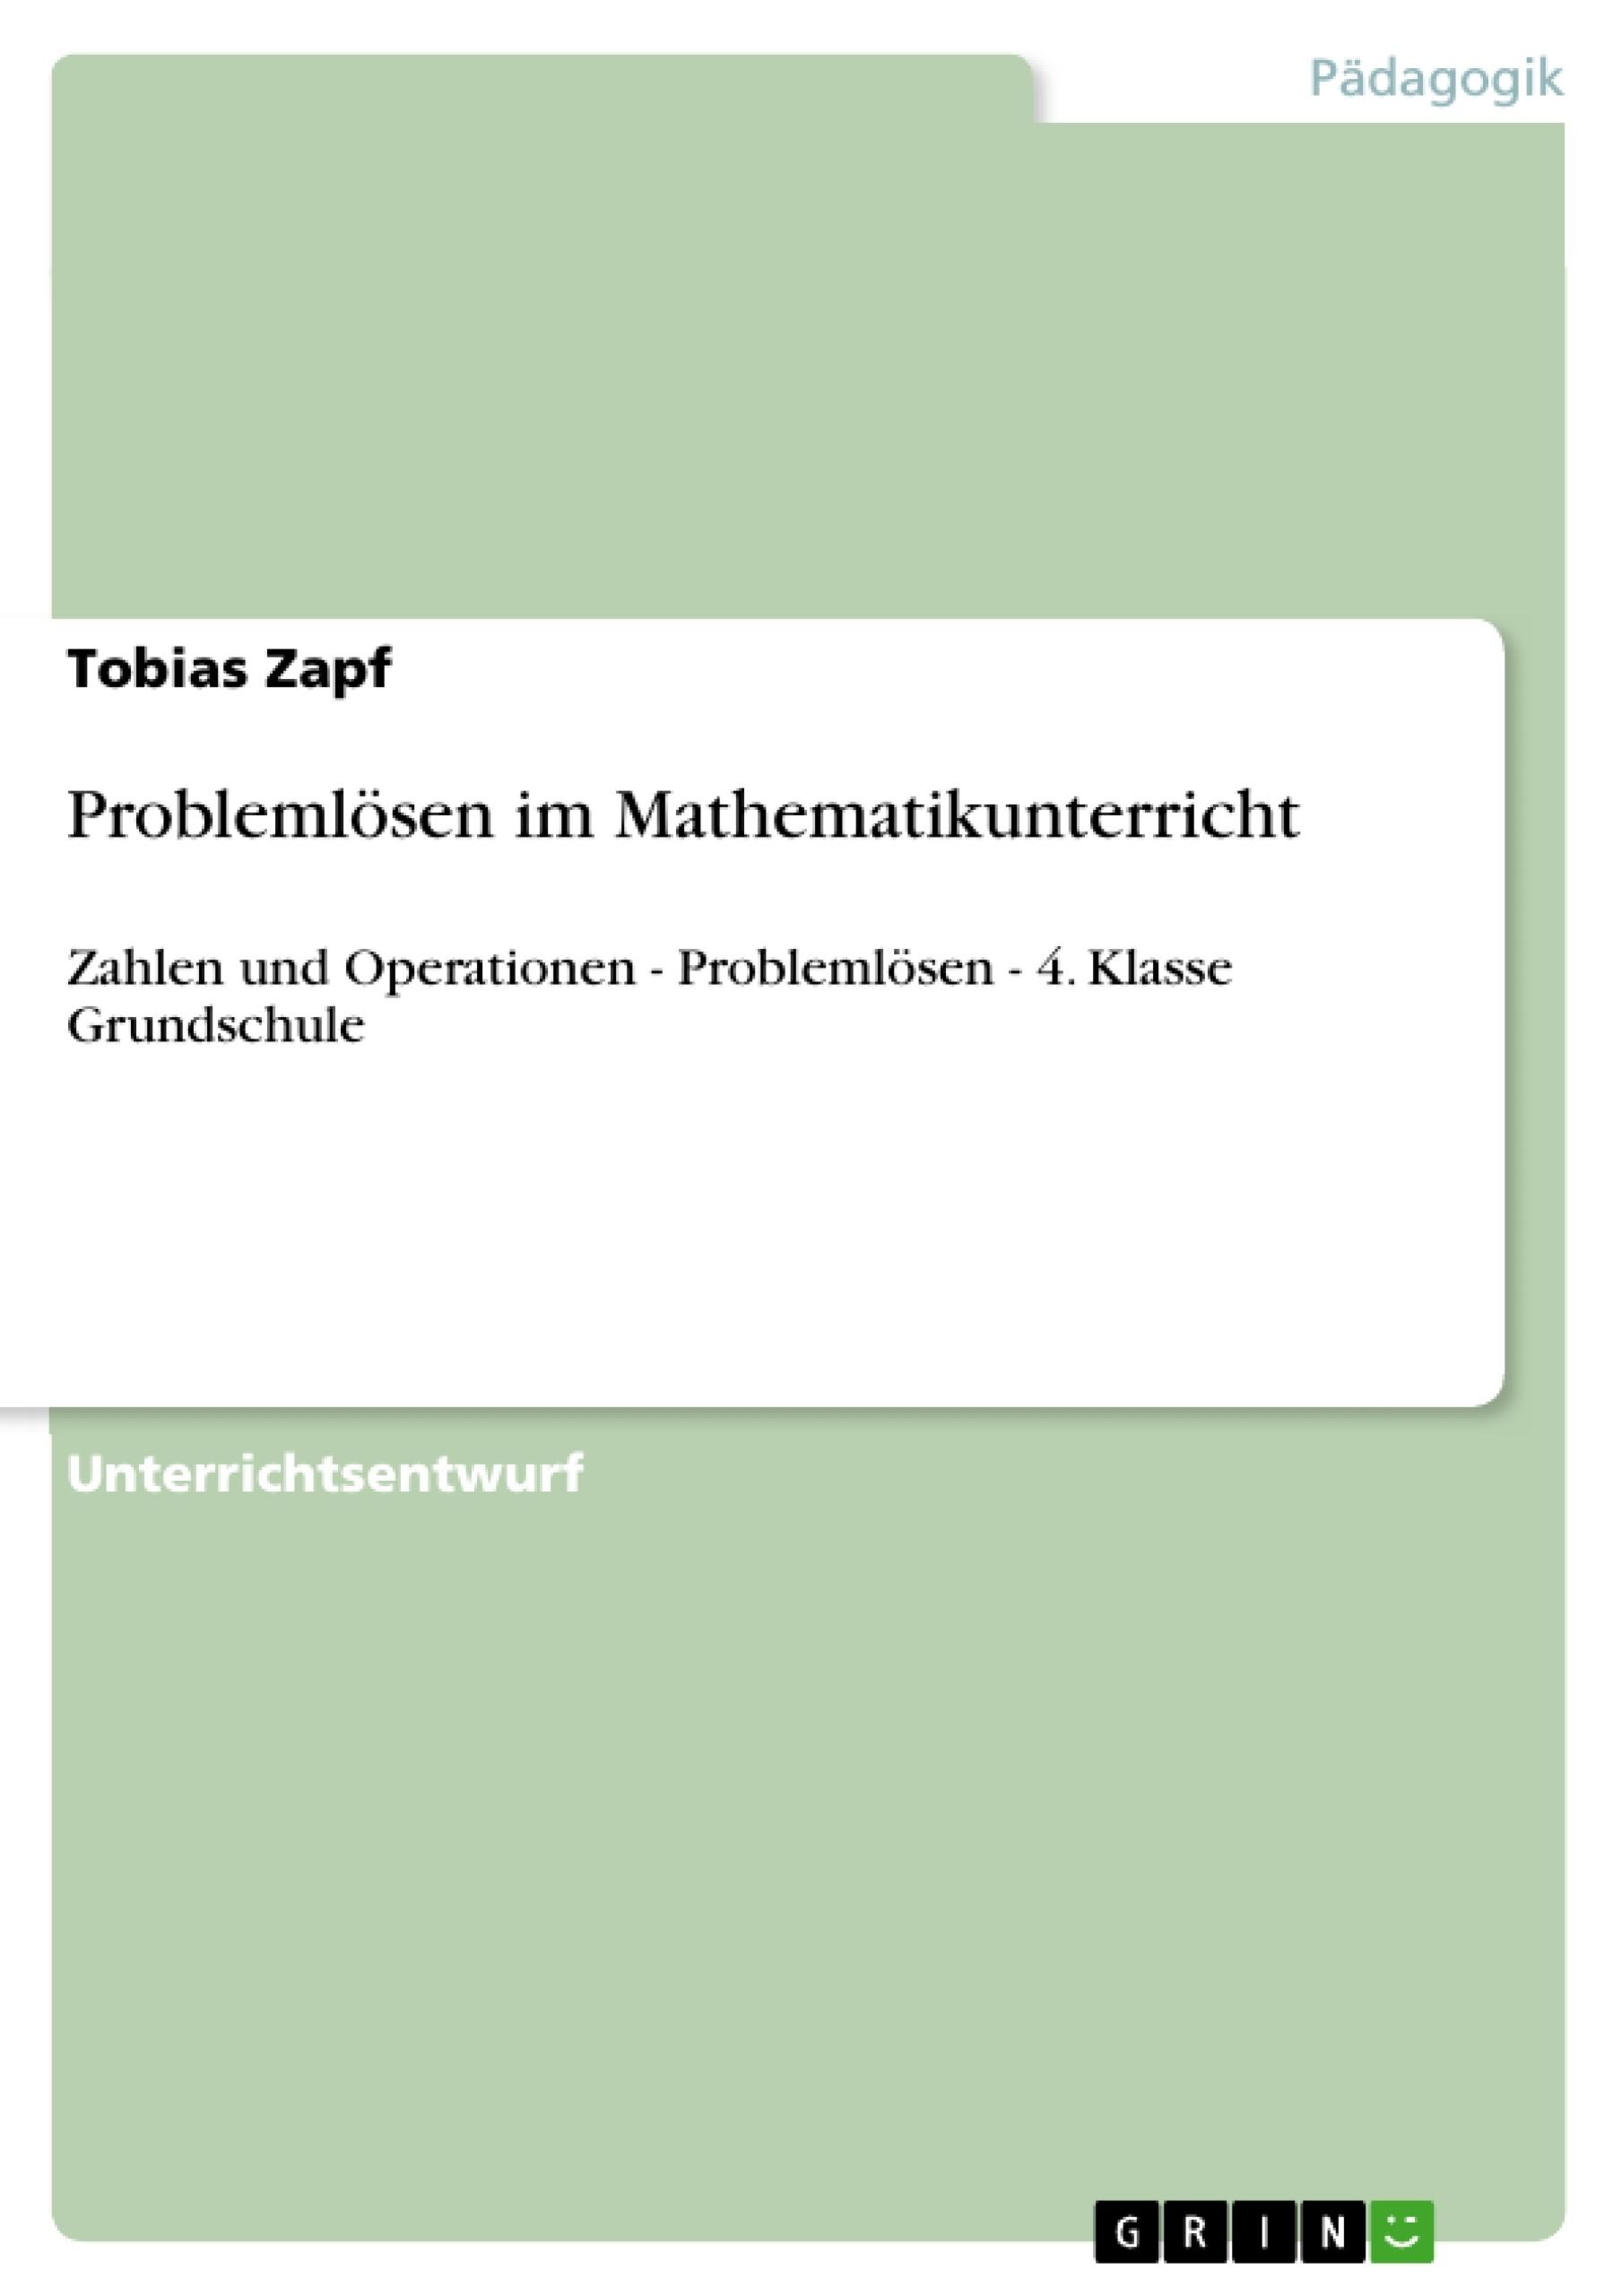 Titel: Problemlösen im Mathematikunterricht